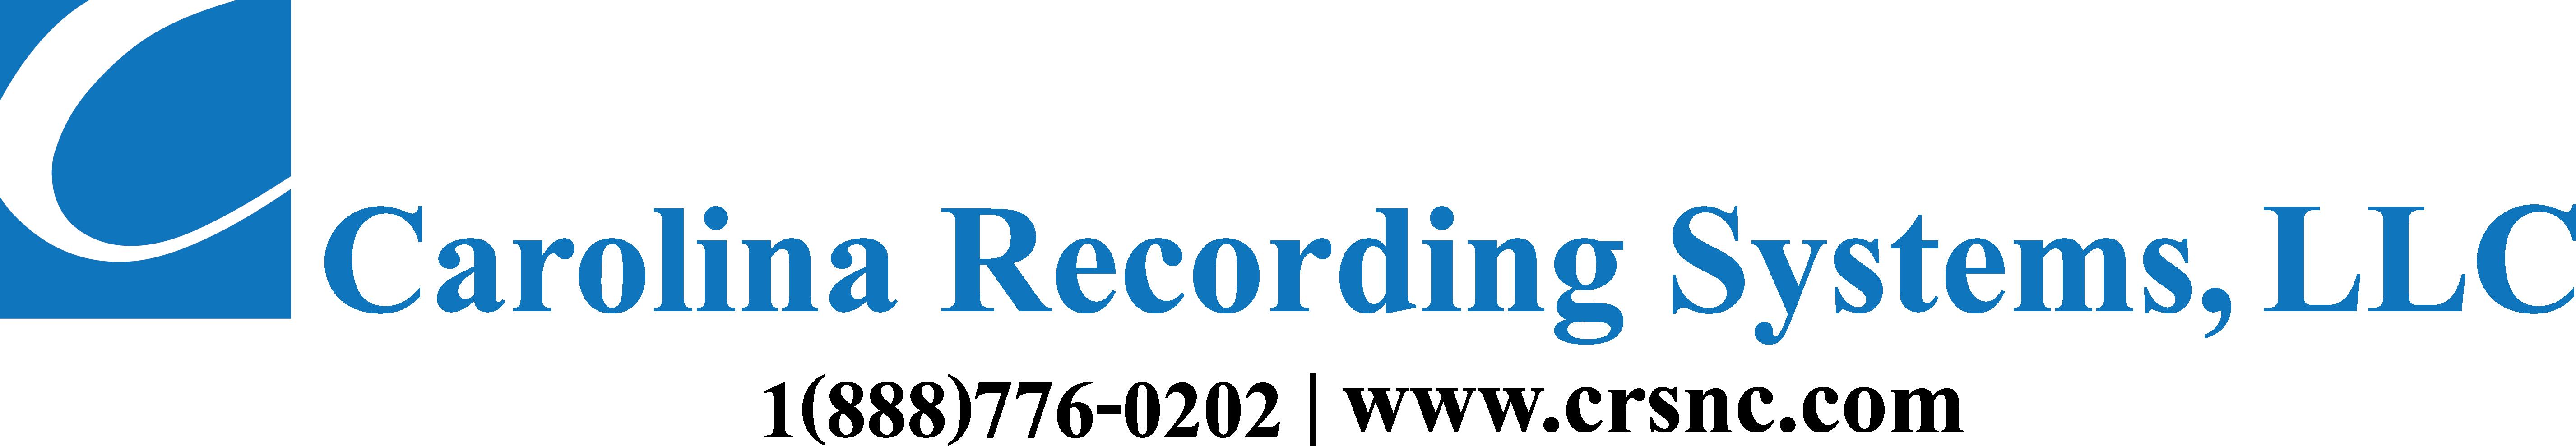 Carolina Recording Systems